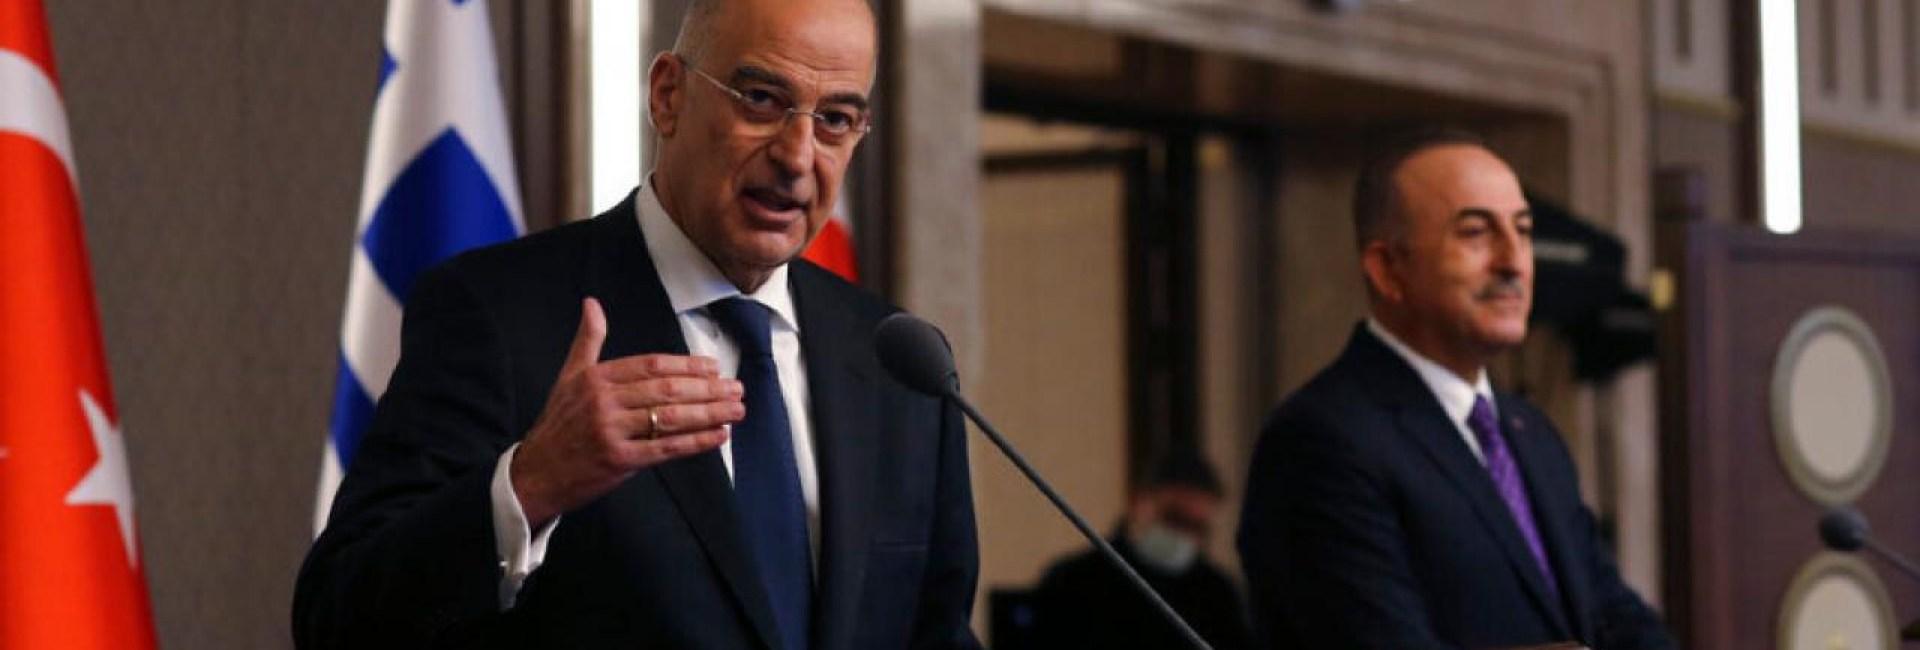 Χρυσόγονος: Οι «διερευνητικές» με την Τουρκία είναι ουσιαστικά ένας διάλογος κωφών